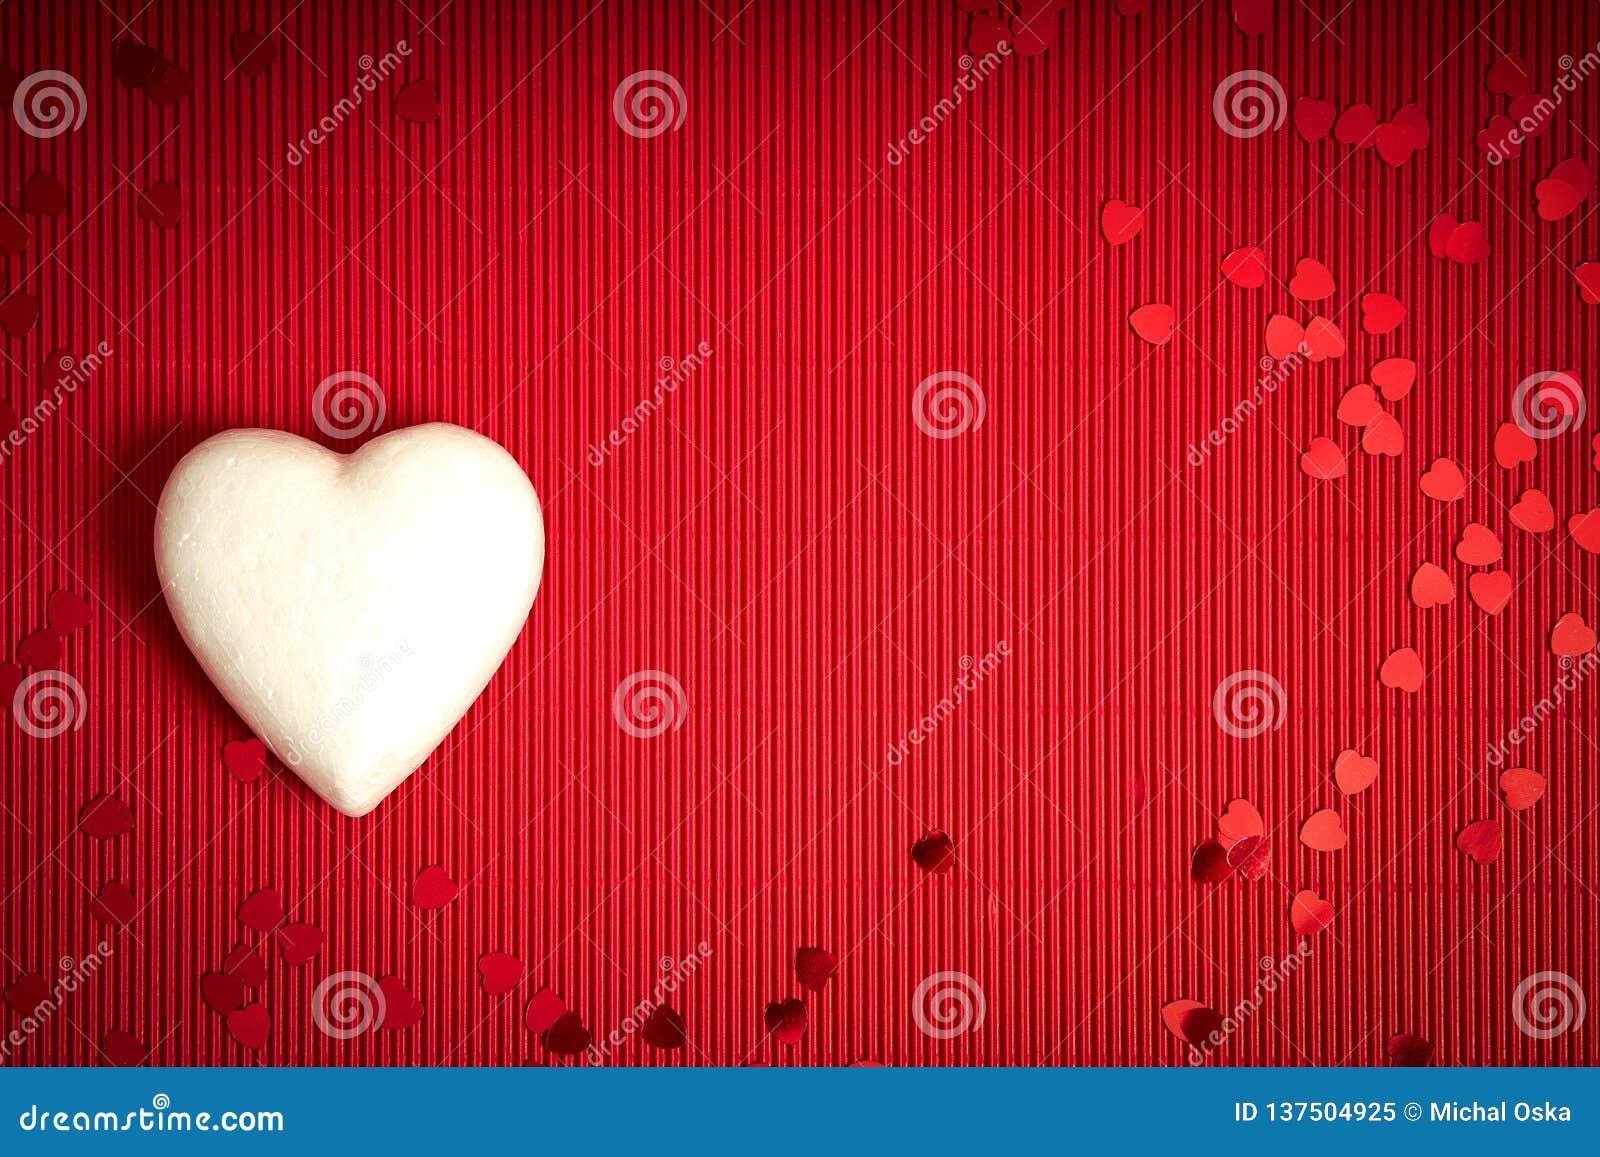 De achtergrond van de valentijnskaartendag met rood geribbeld document met witte storaxschuimharten voor minnaars